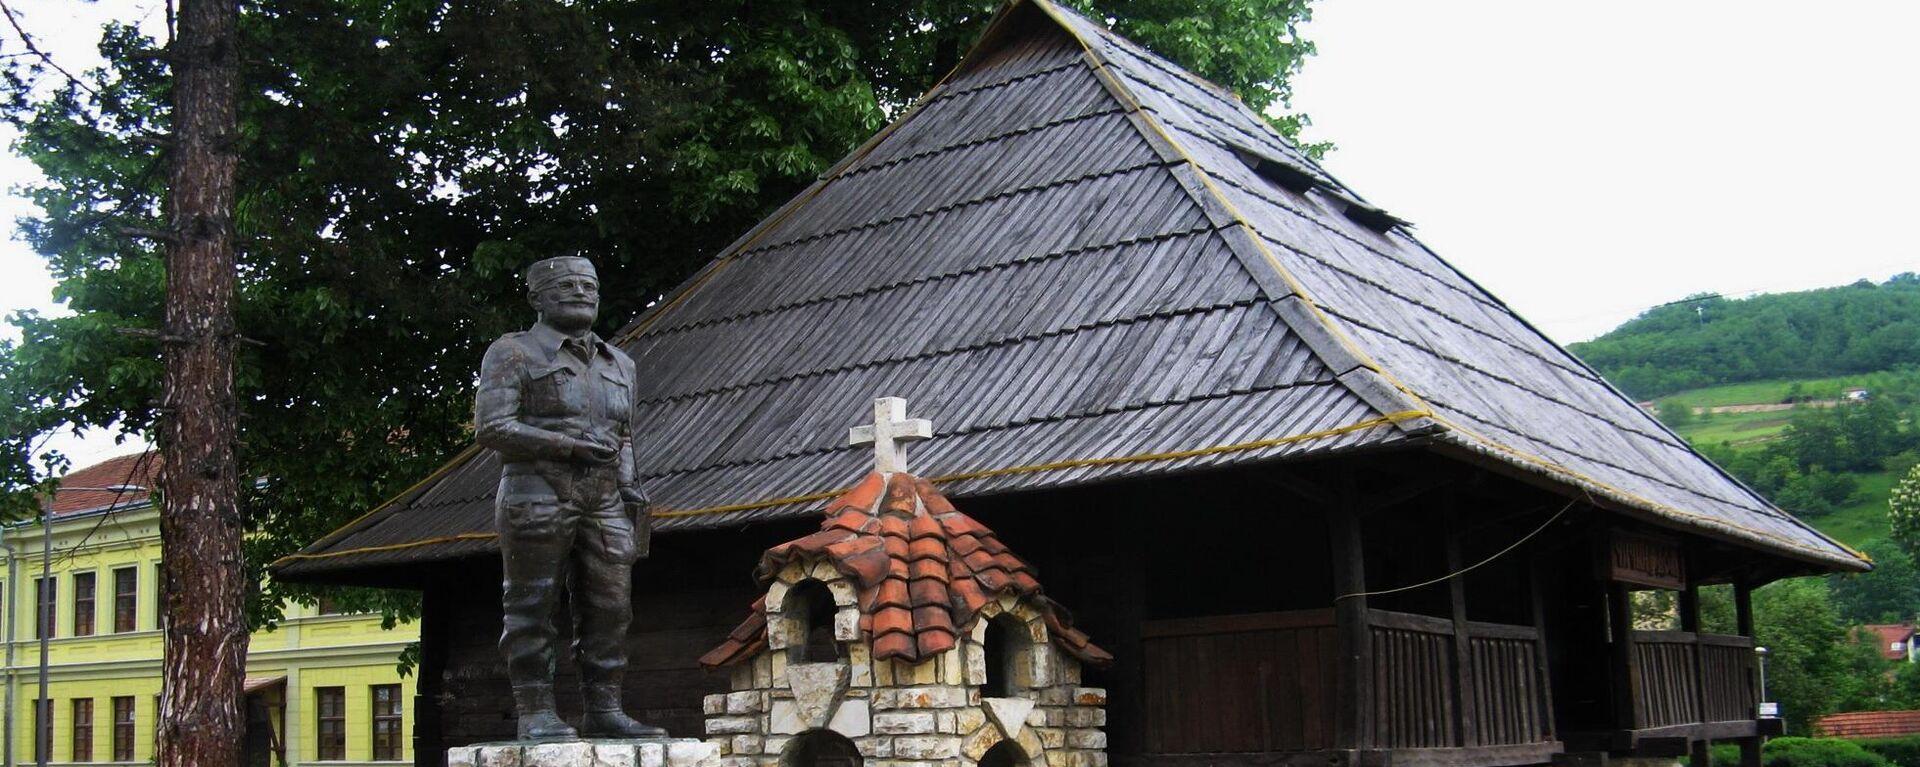 Споменик Дражи Михаиловићу и Дражин дом у Ивањици - Sputnik Србија, 1920, 04.09.2021